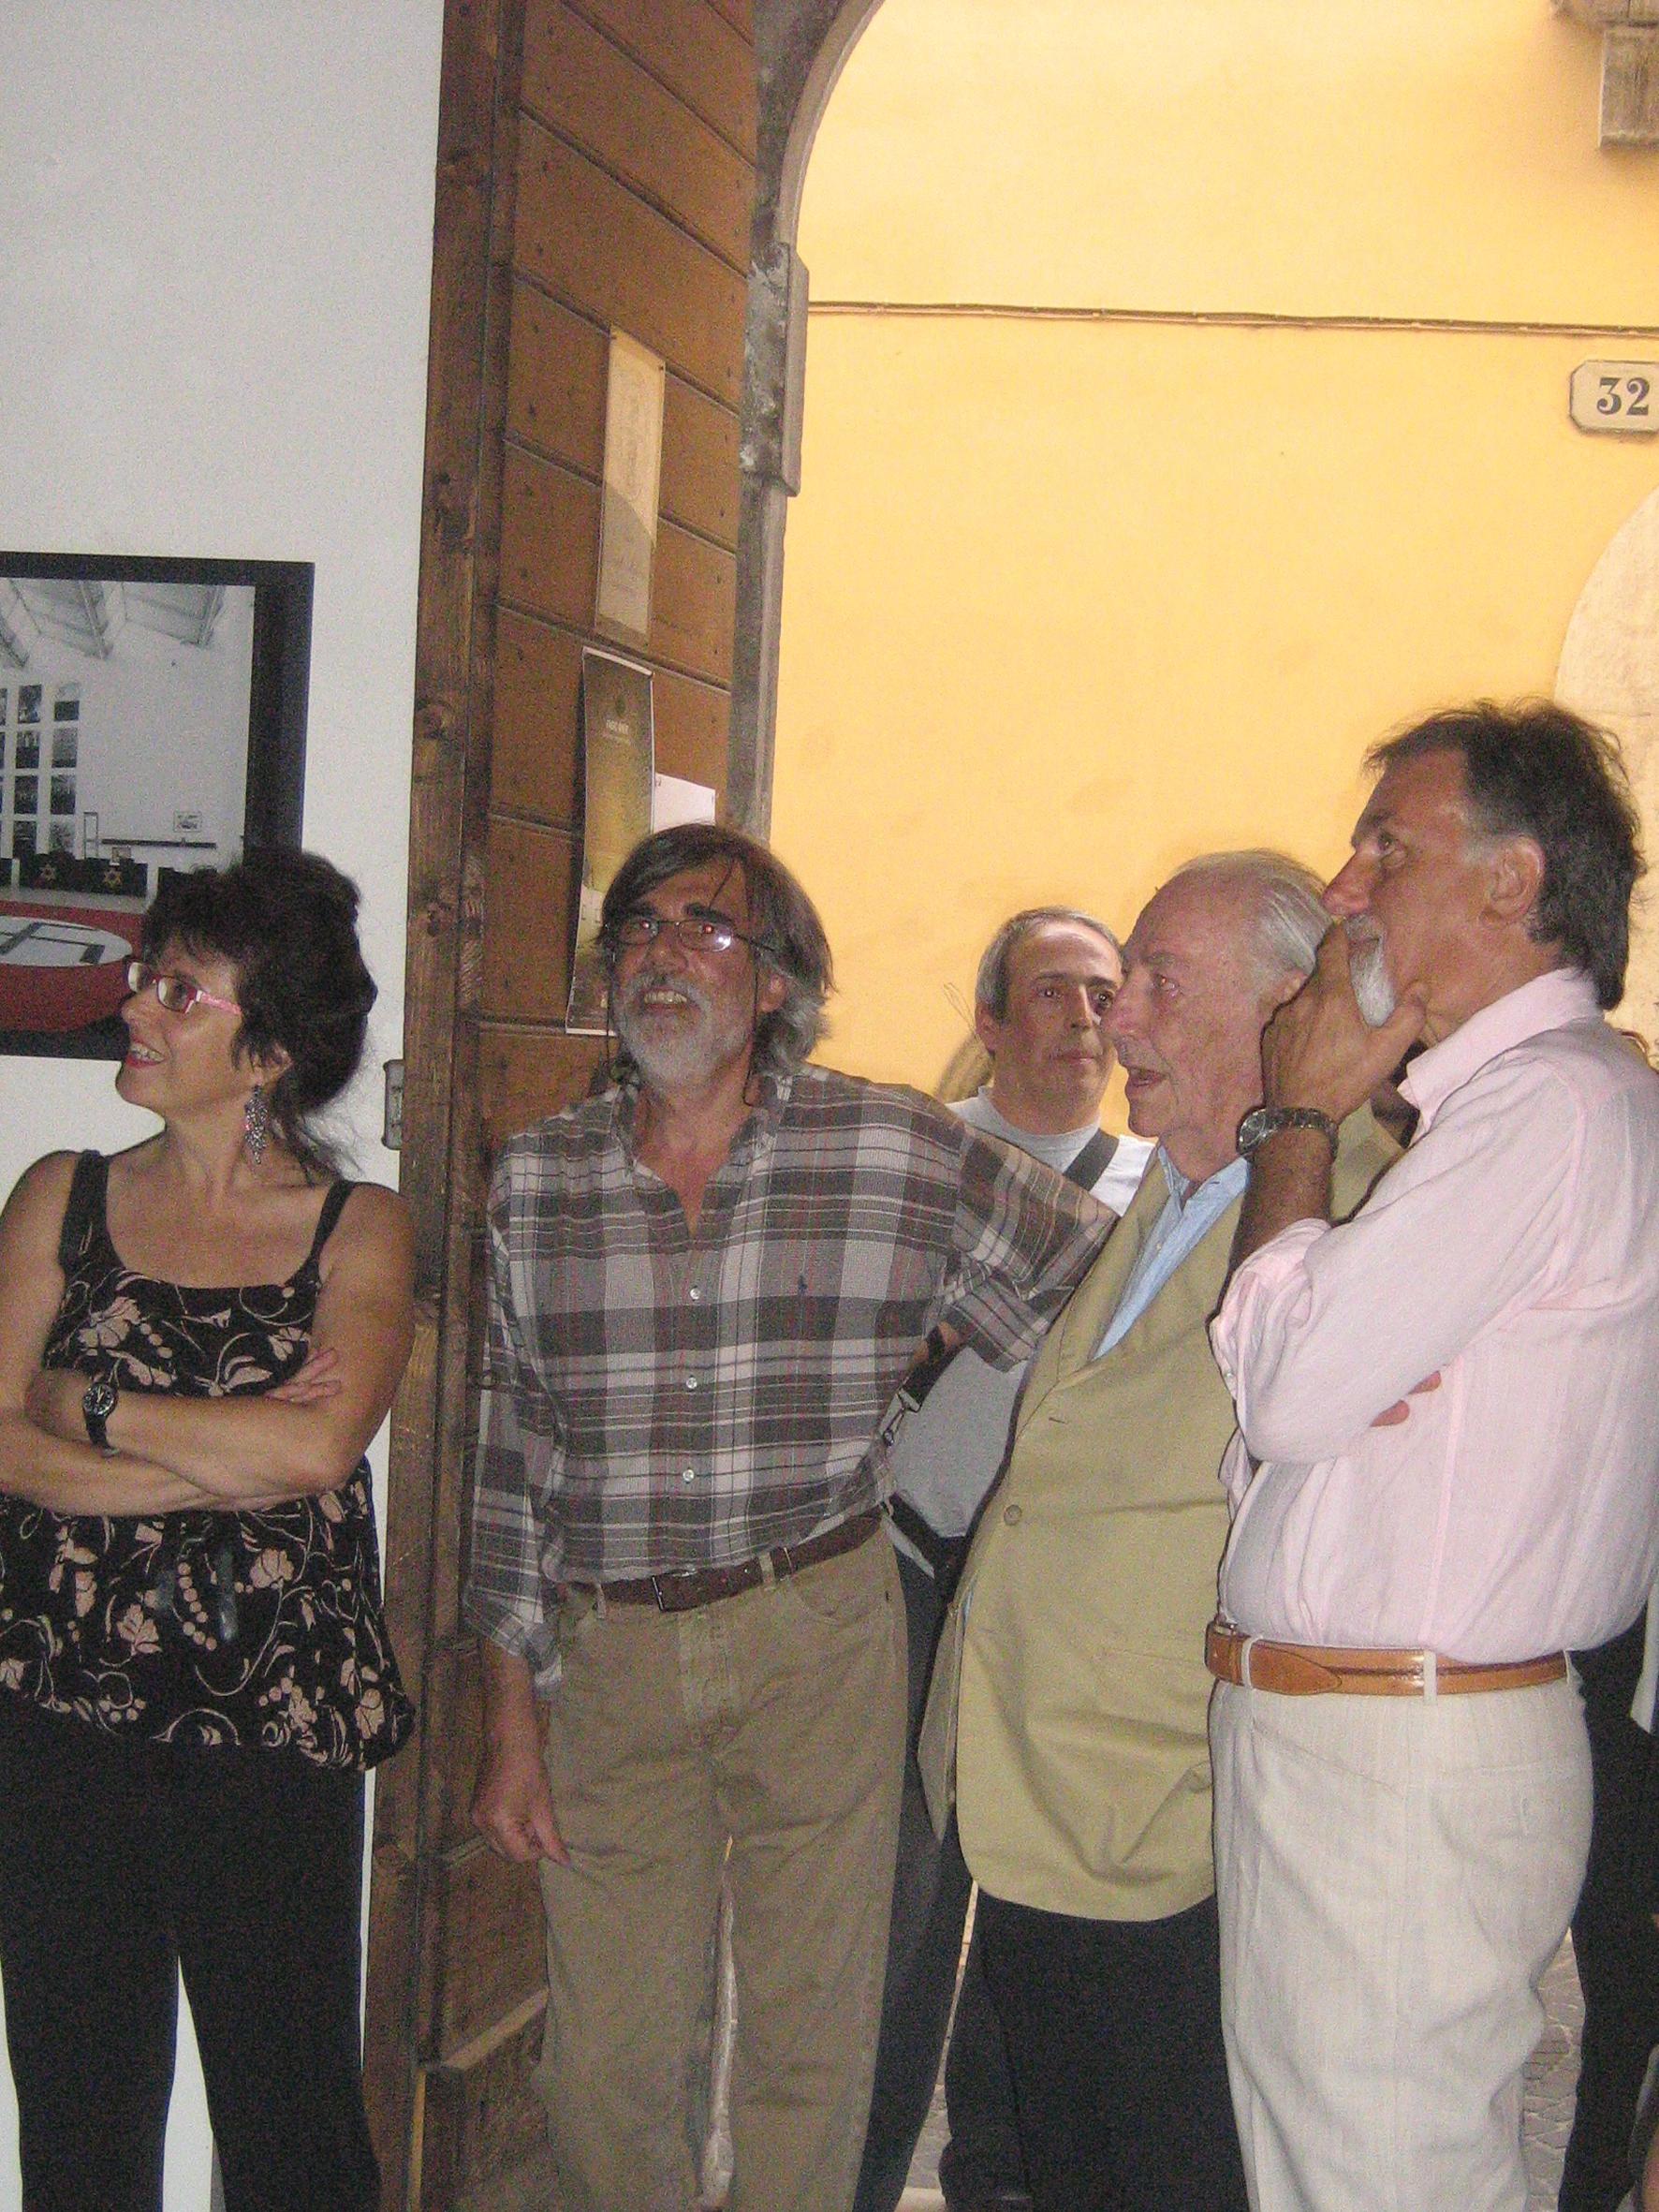 Assessore alla Cultura Anna Maria Ximenes, Enrico Sconci, Fabio Mauri e il direttore dell'Accademia di Belle Arti Eugenio Carlomagno